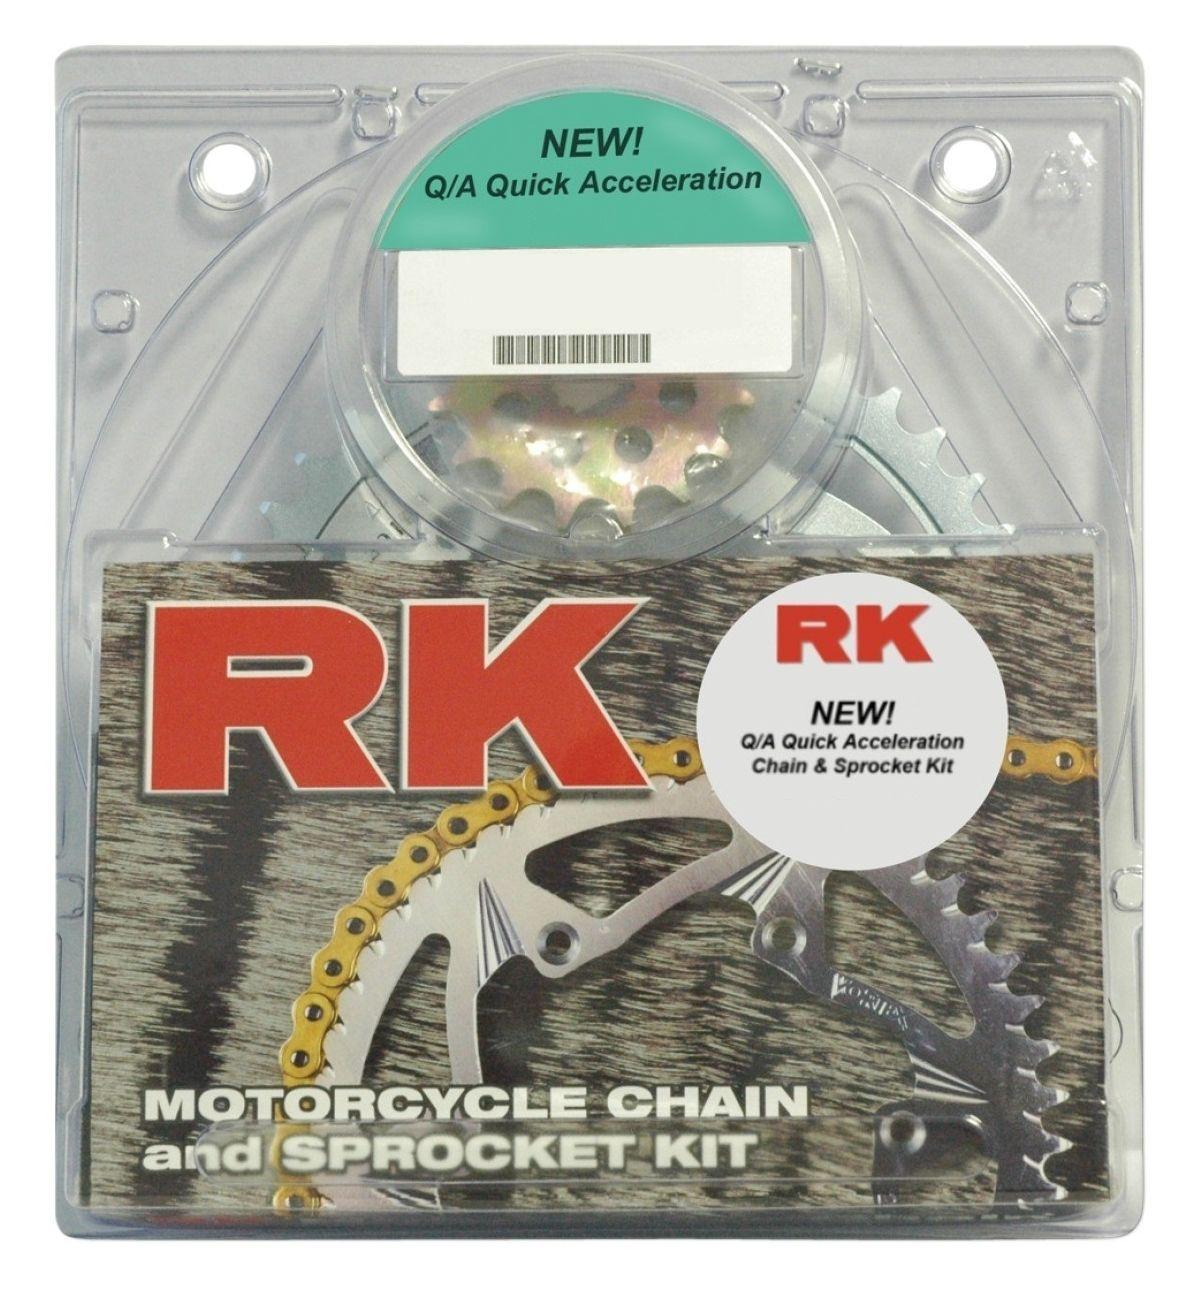 RK Quick Acceleration Chain & Sprocket Kit Suzuki GSXR 600 2001-2003 | 10%  ($14.14) Off! - RevZilla